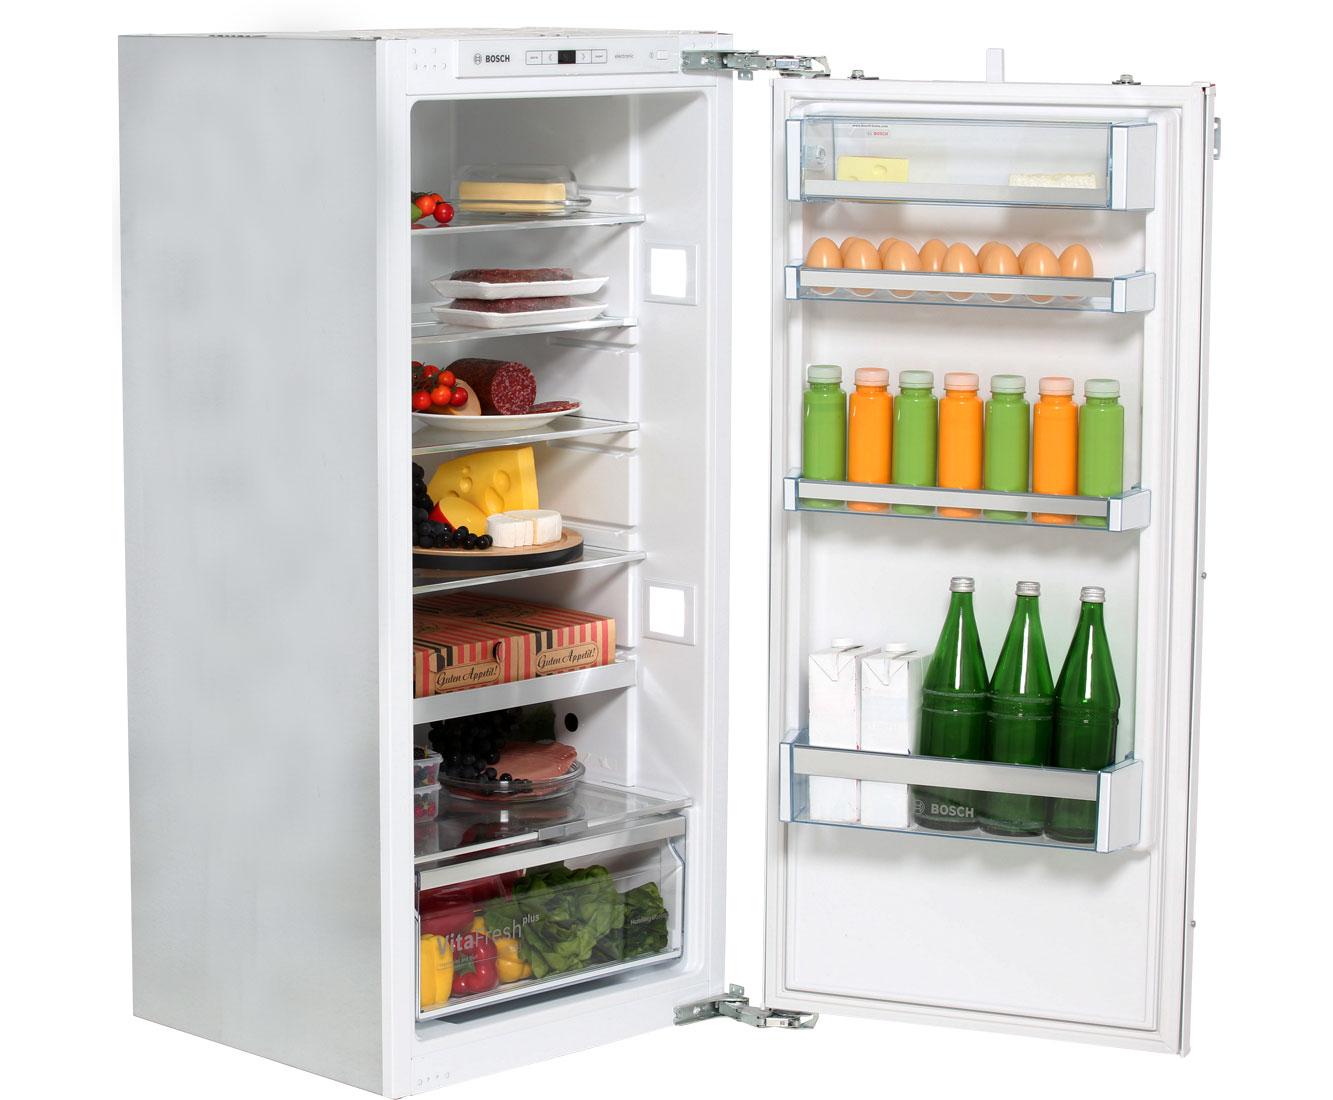 Bosch Kühlschrank Freistehend Mit Gefrierfach : Bosch serie kir af einbau kühlschrank er nische festtür